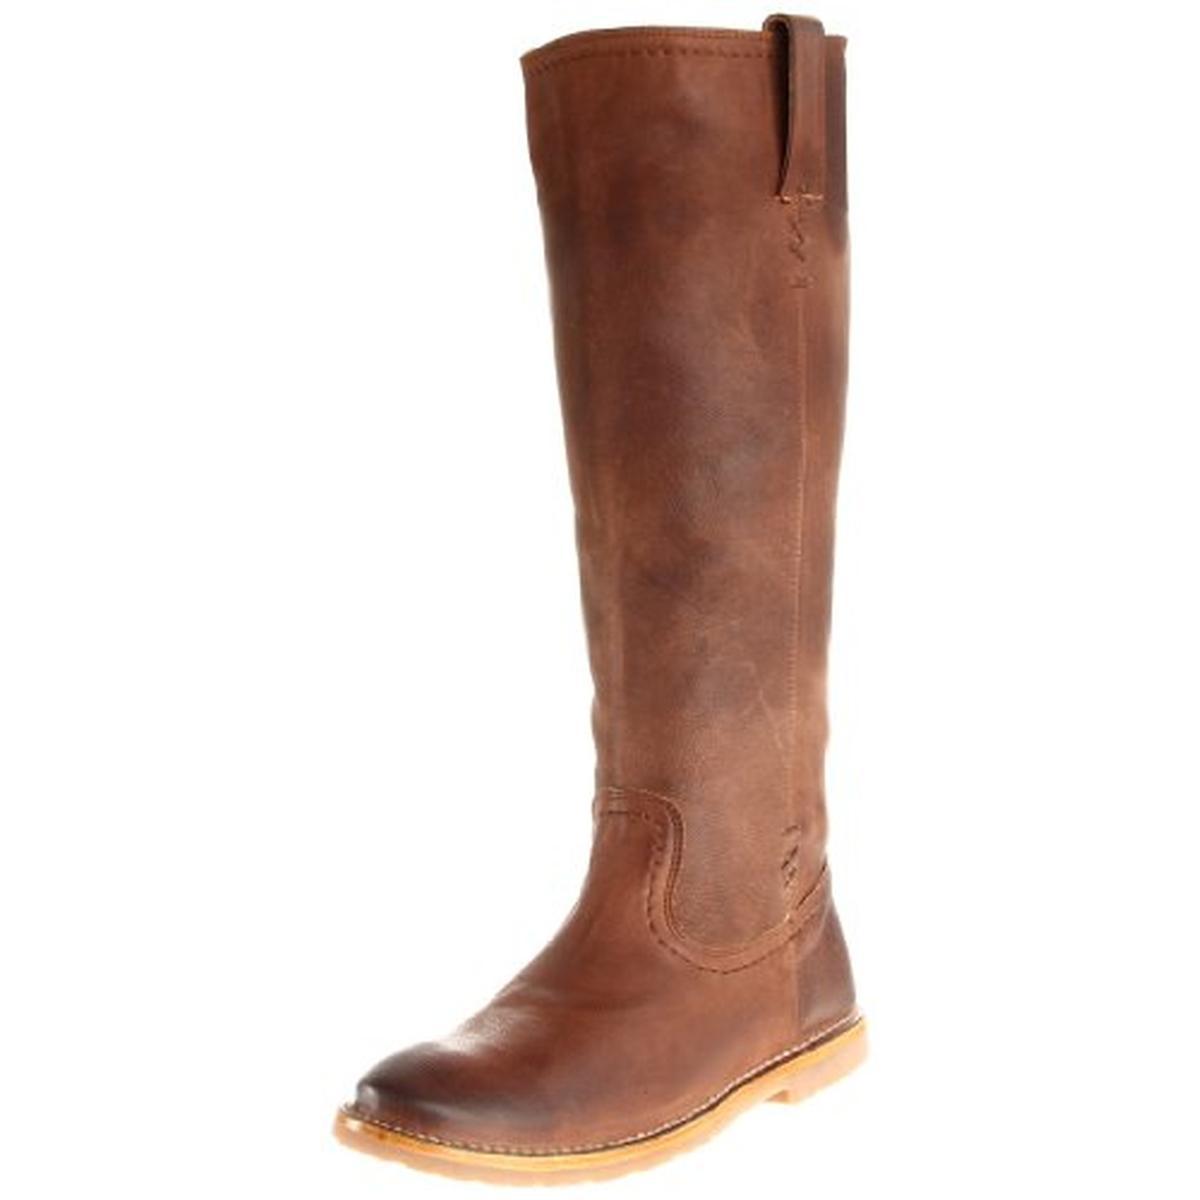 Excellent Clothes Shoes Amp Accessories Gt Women39s Shoes Gt Boots